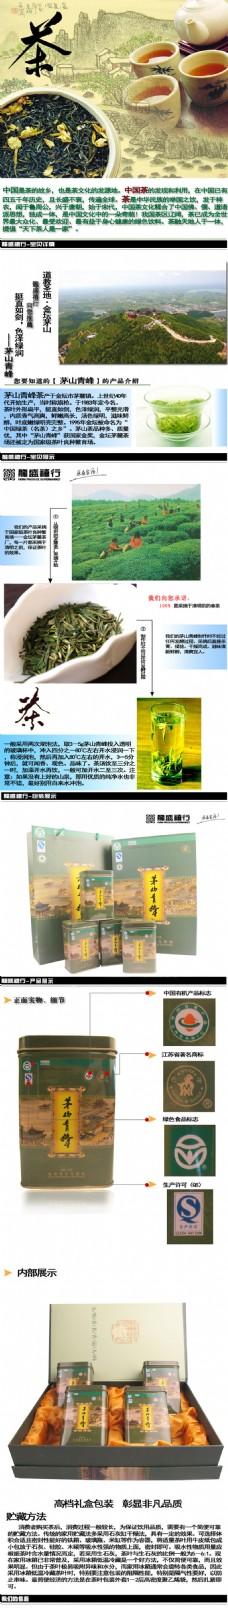 茶葉詳情頁ideapie (96)